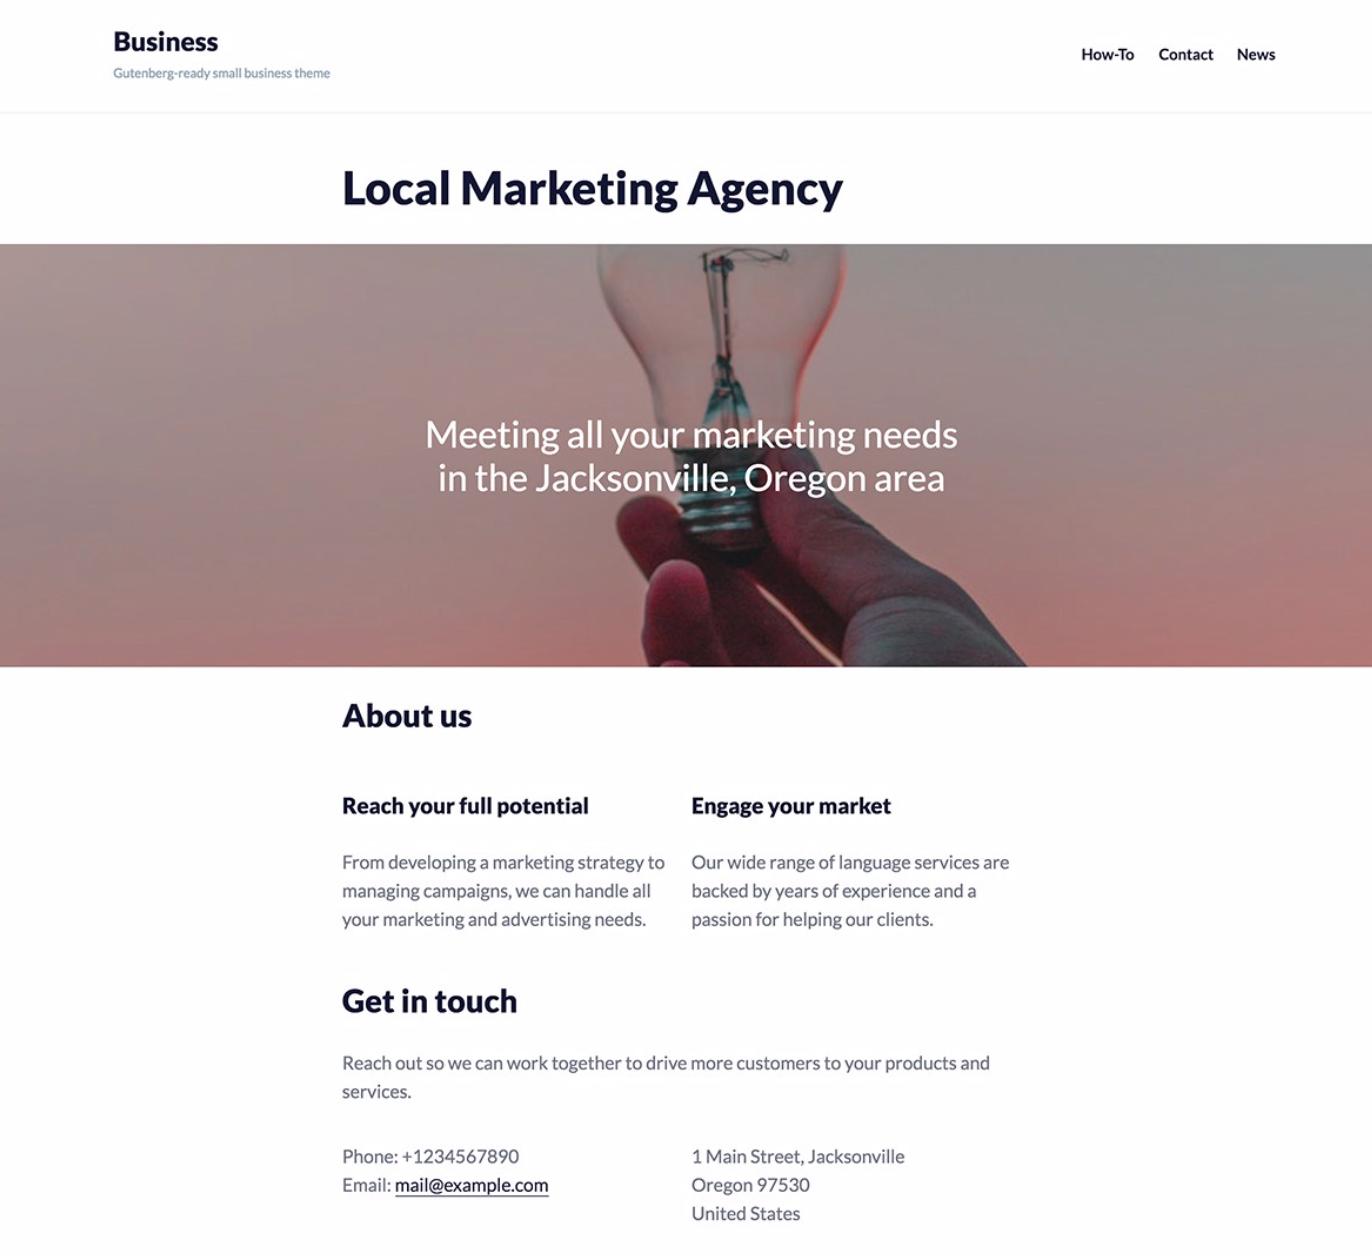 Una página web minimalista pero atractiva hace que Google recomiende tu negocio local en las primeras páginas de resultados